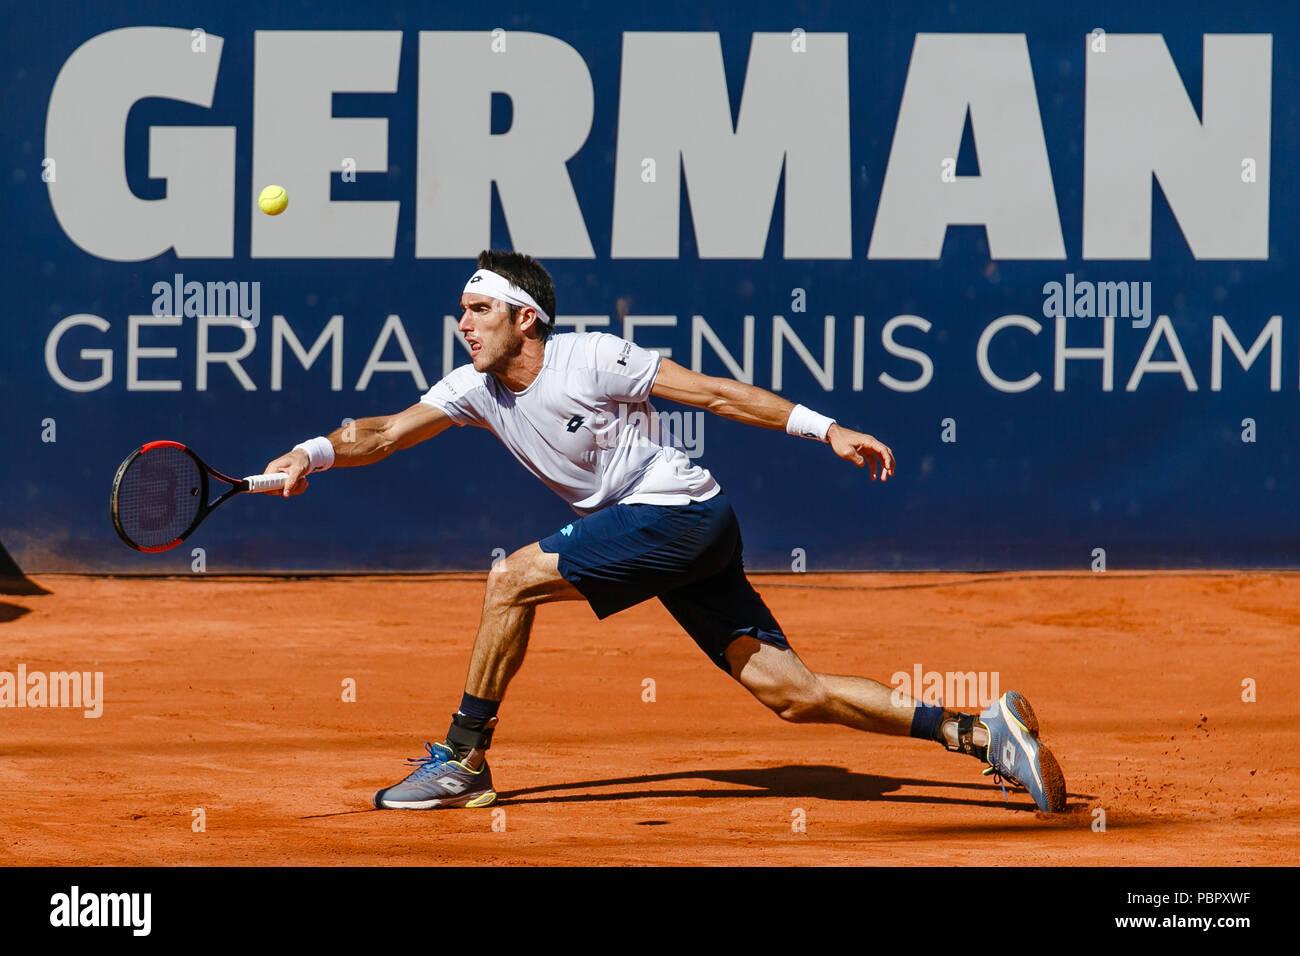 Der Argentinier Leonardo Mayer während des Finales bei den German Open am Hamburger Rothenbaum. - Stock Image